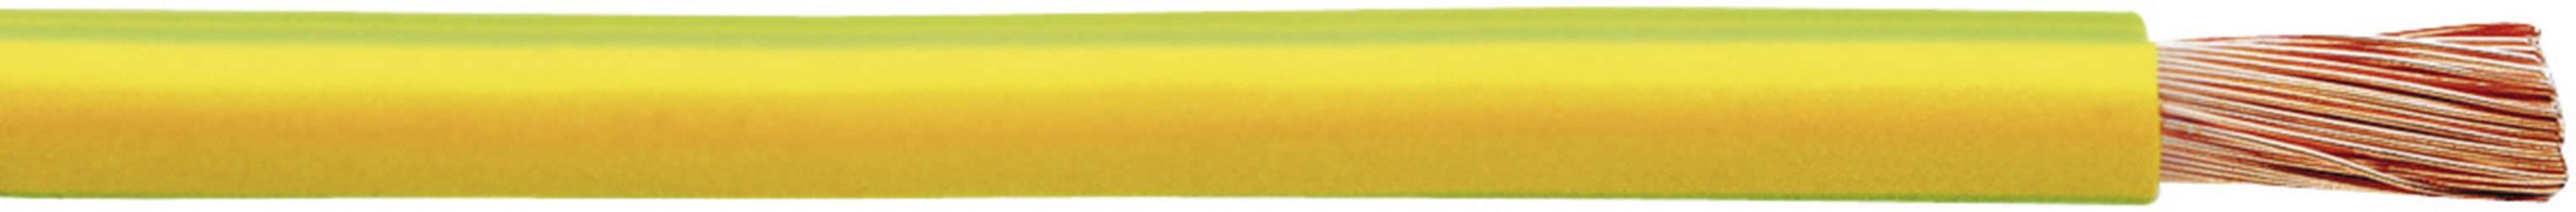 Pletenica H07V-K 1 x 6 mm, zelena-rumena Faber Kabel 040073 cena za meter